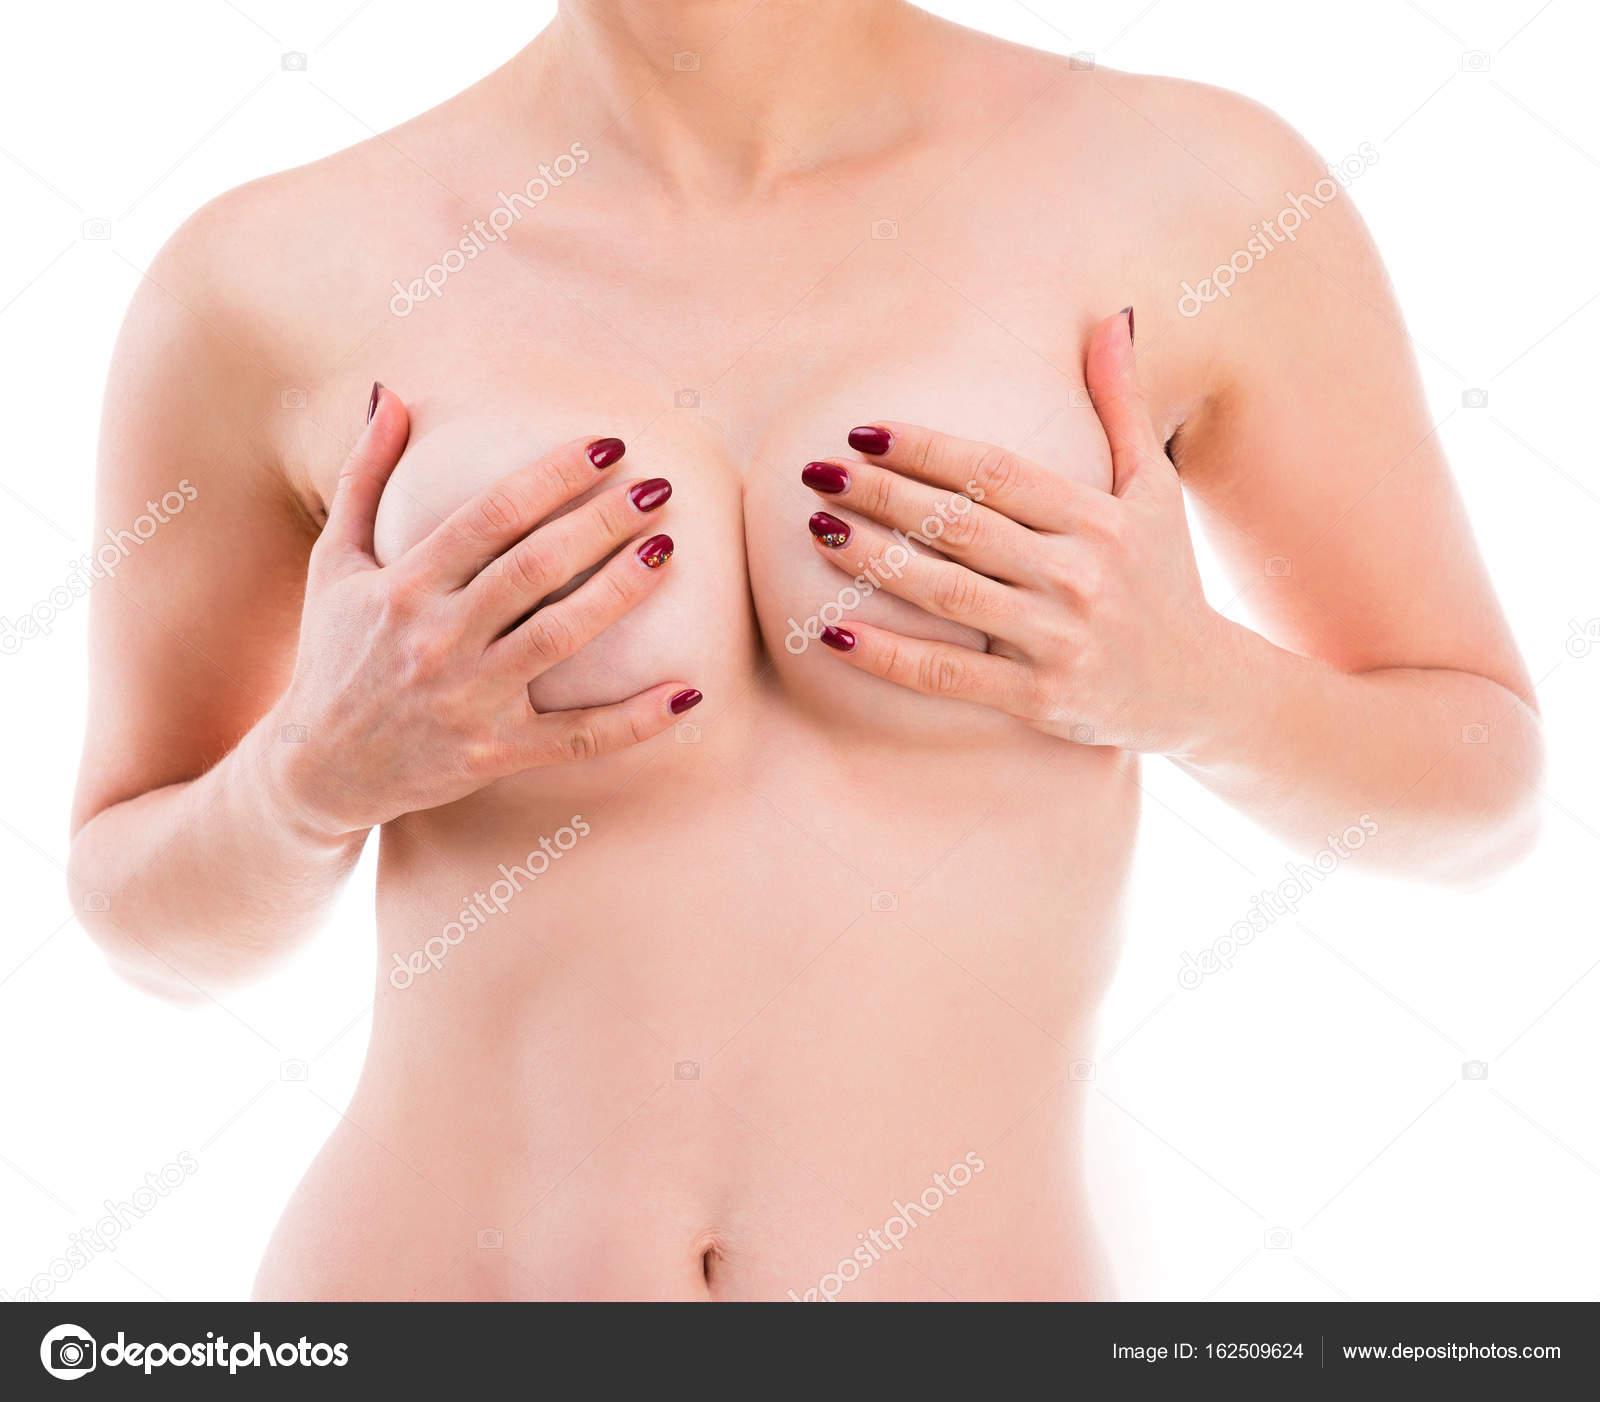 κοκαλιάρικο έφηβοι γυμνές φωτογραφίες